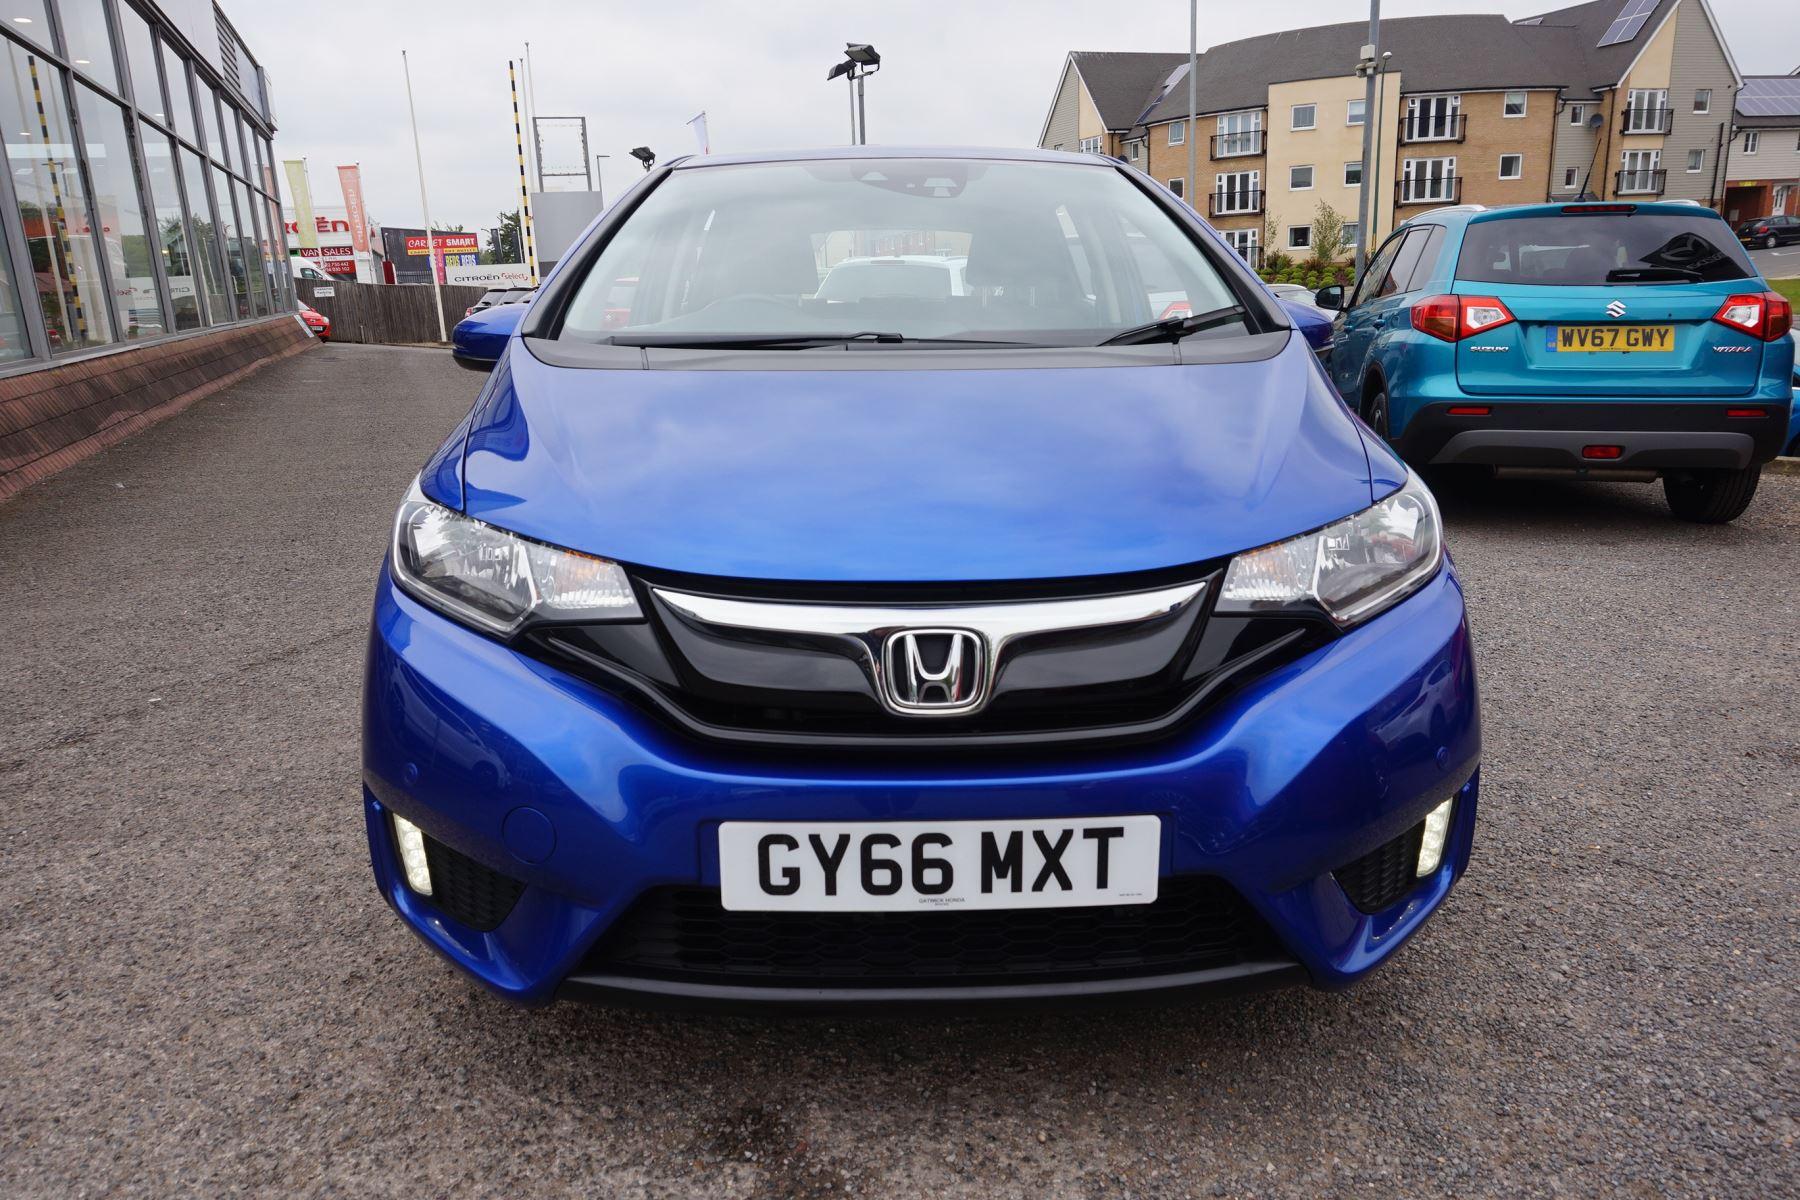 Honda Jazz 1.3 SE Navi CVT image 2